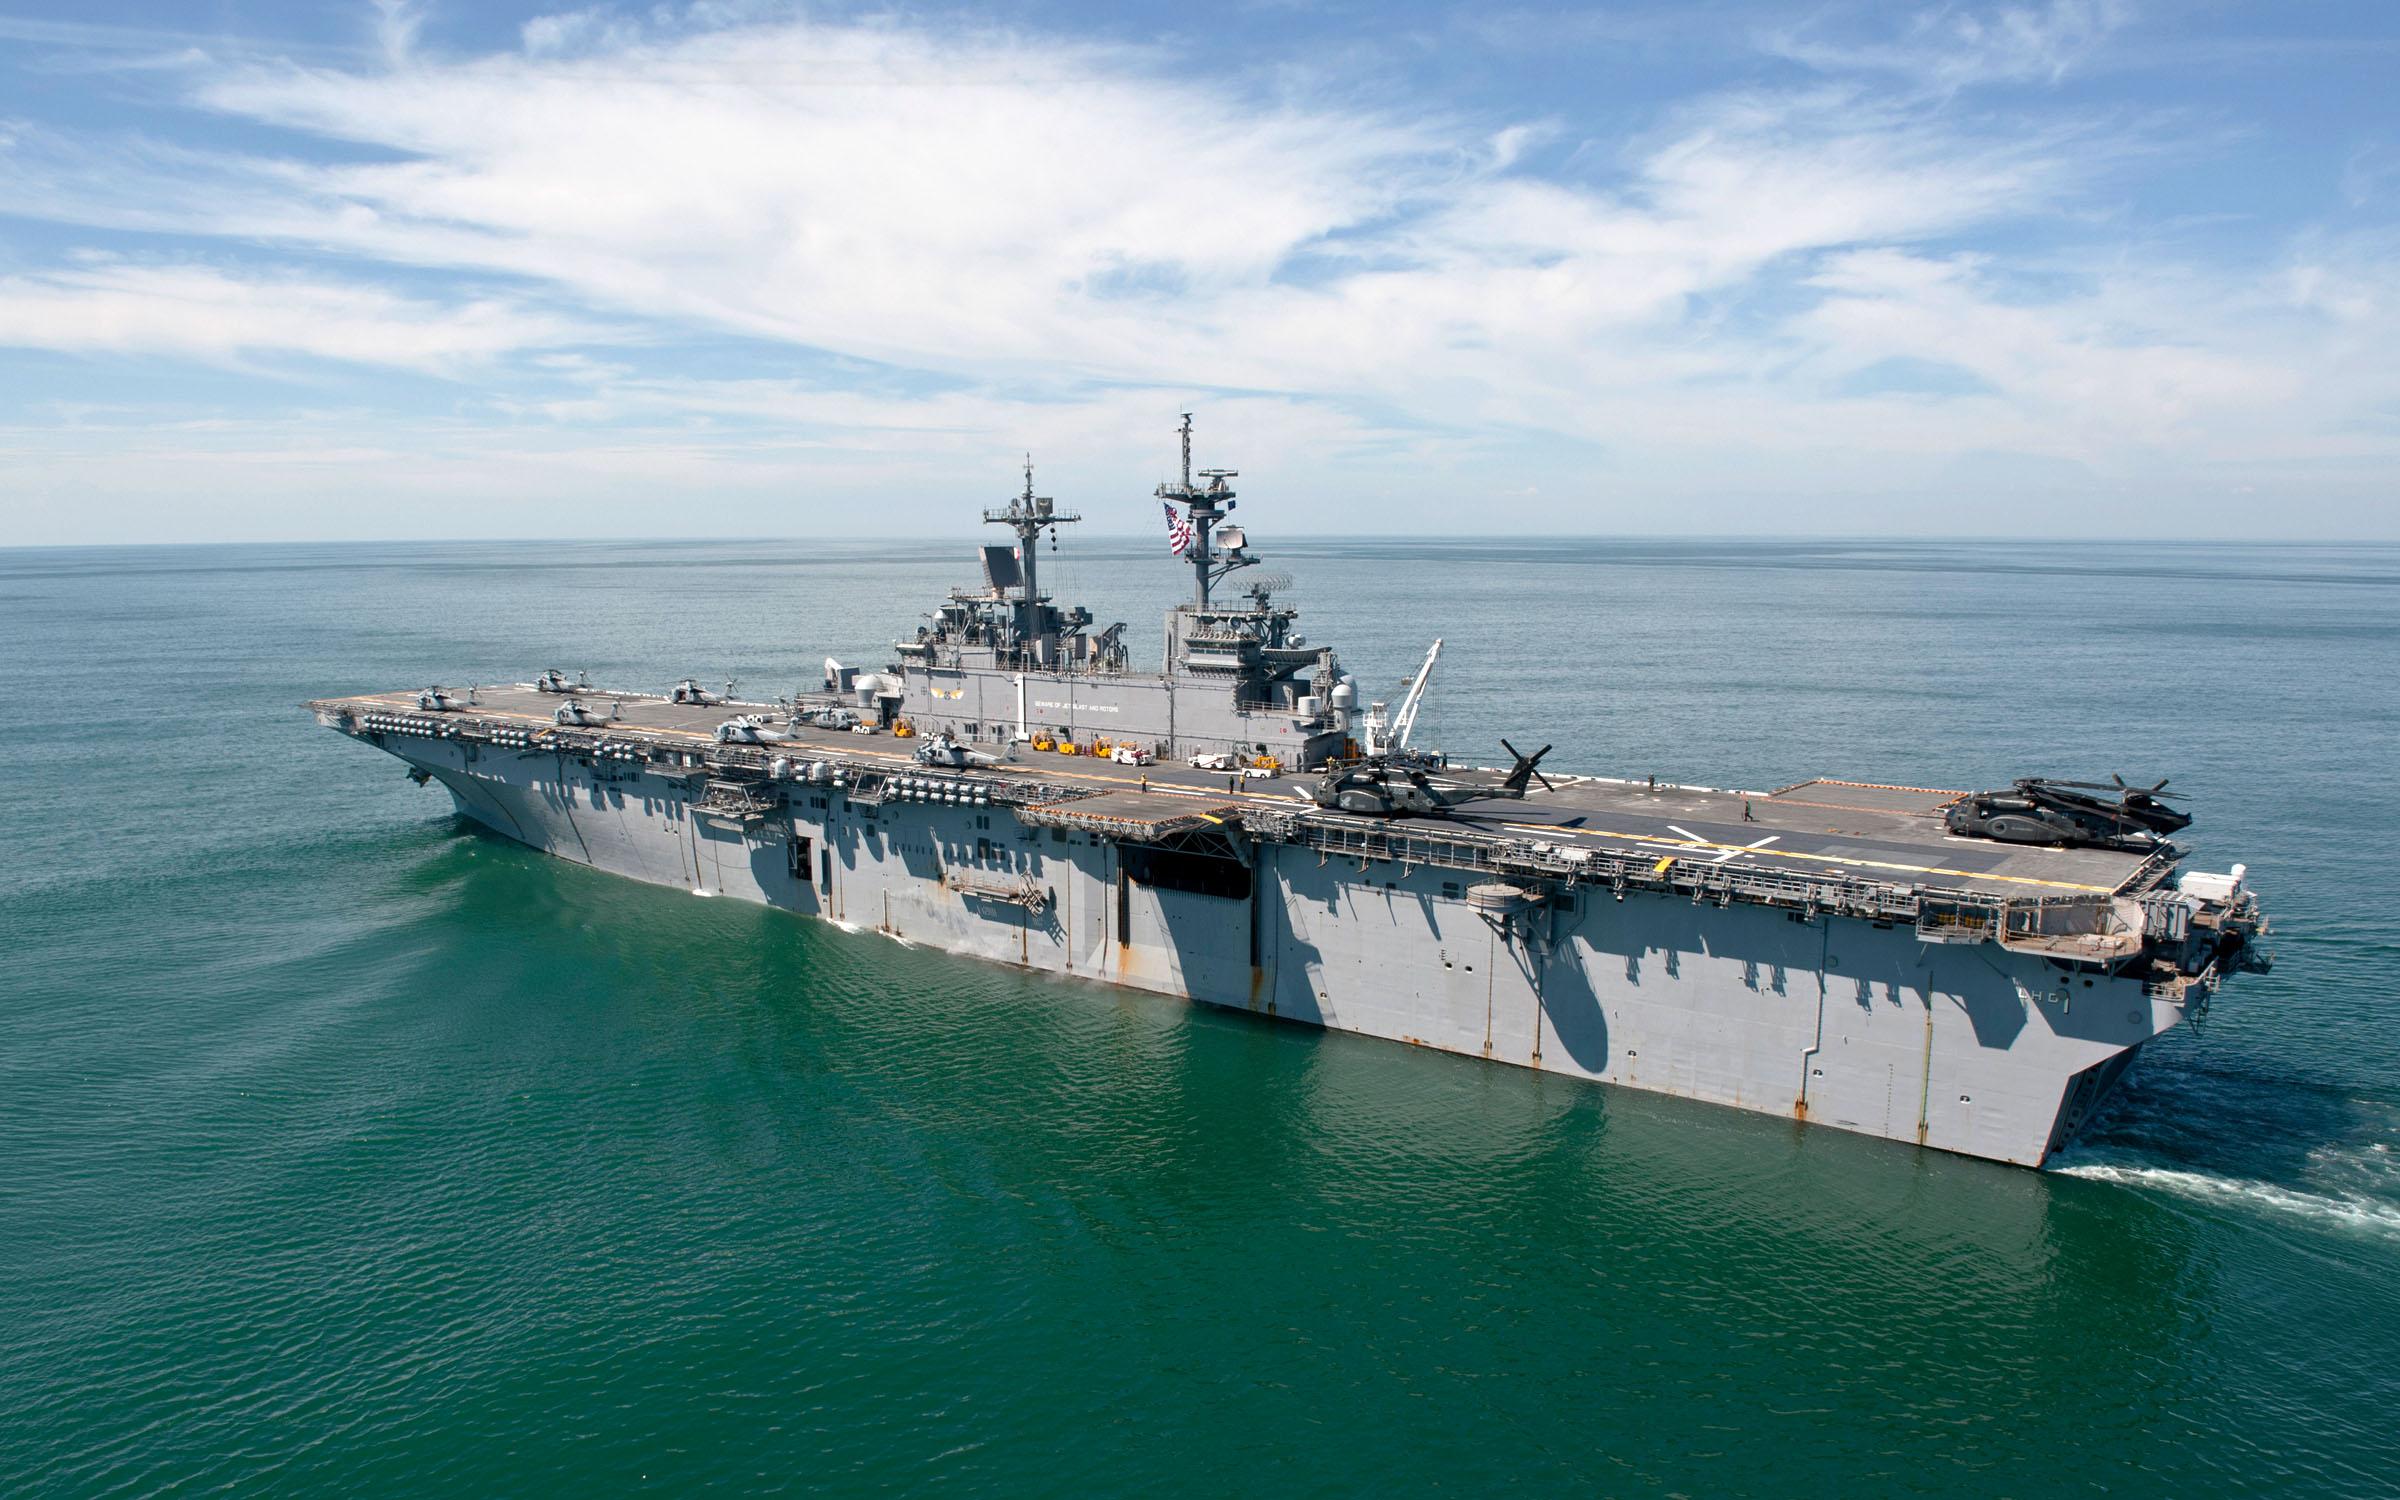 USS WASP LHD-1 Bild: U.S. Navy